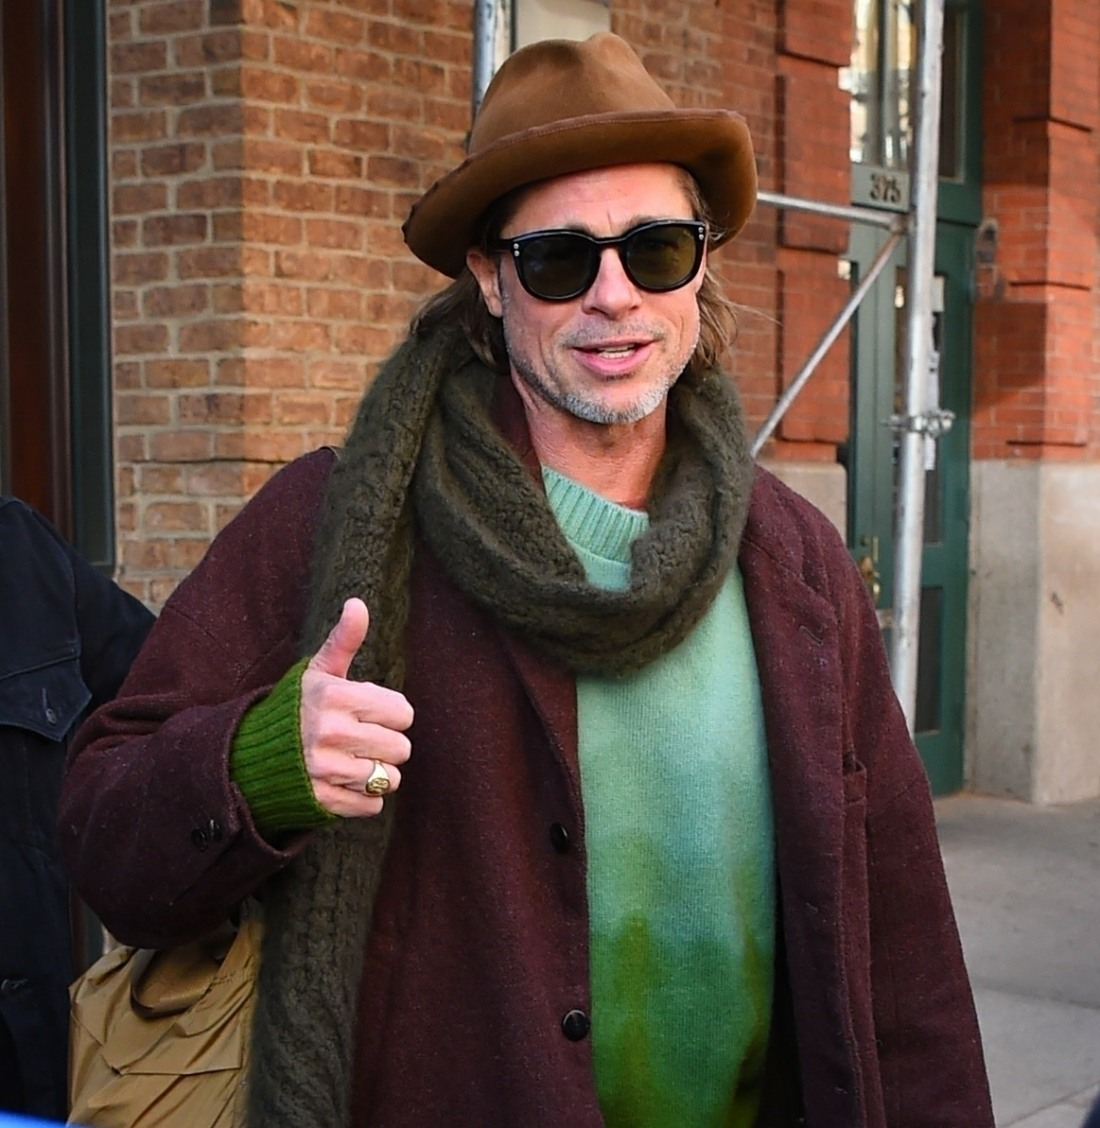 Brad Pitt checks out of his Tribeca hotel